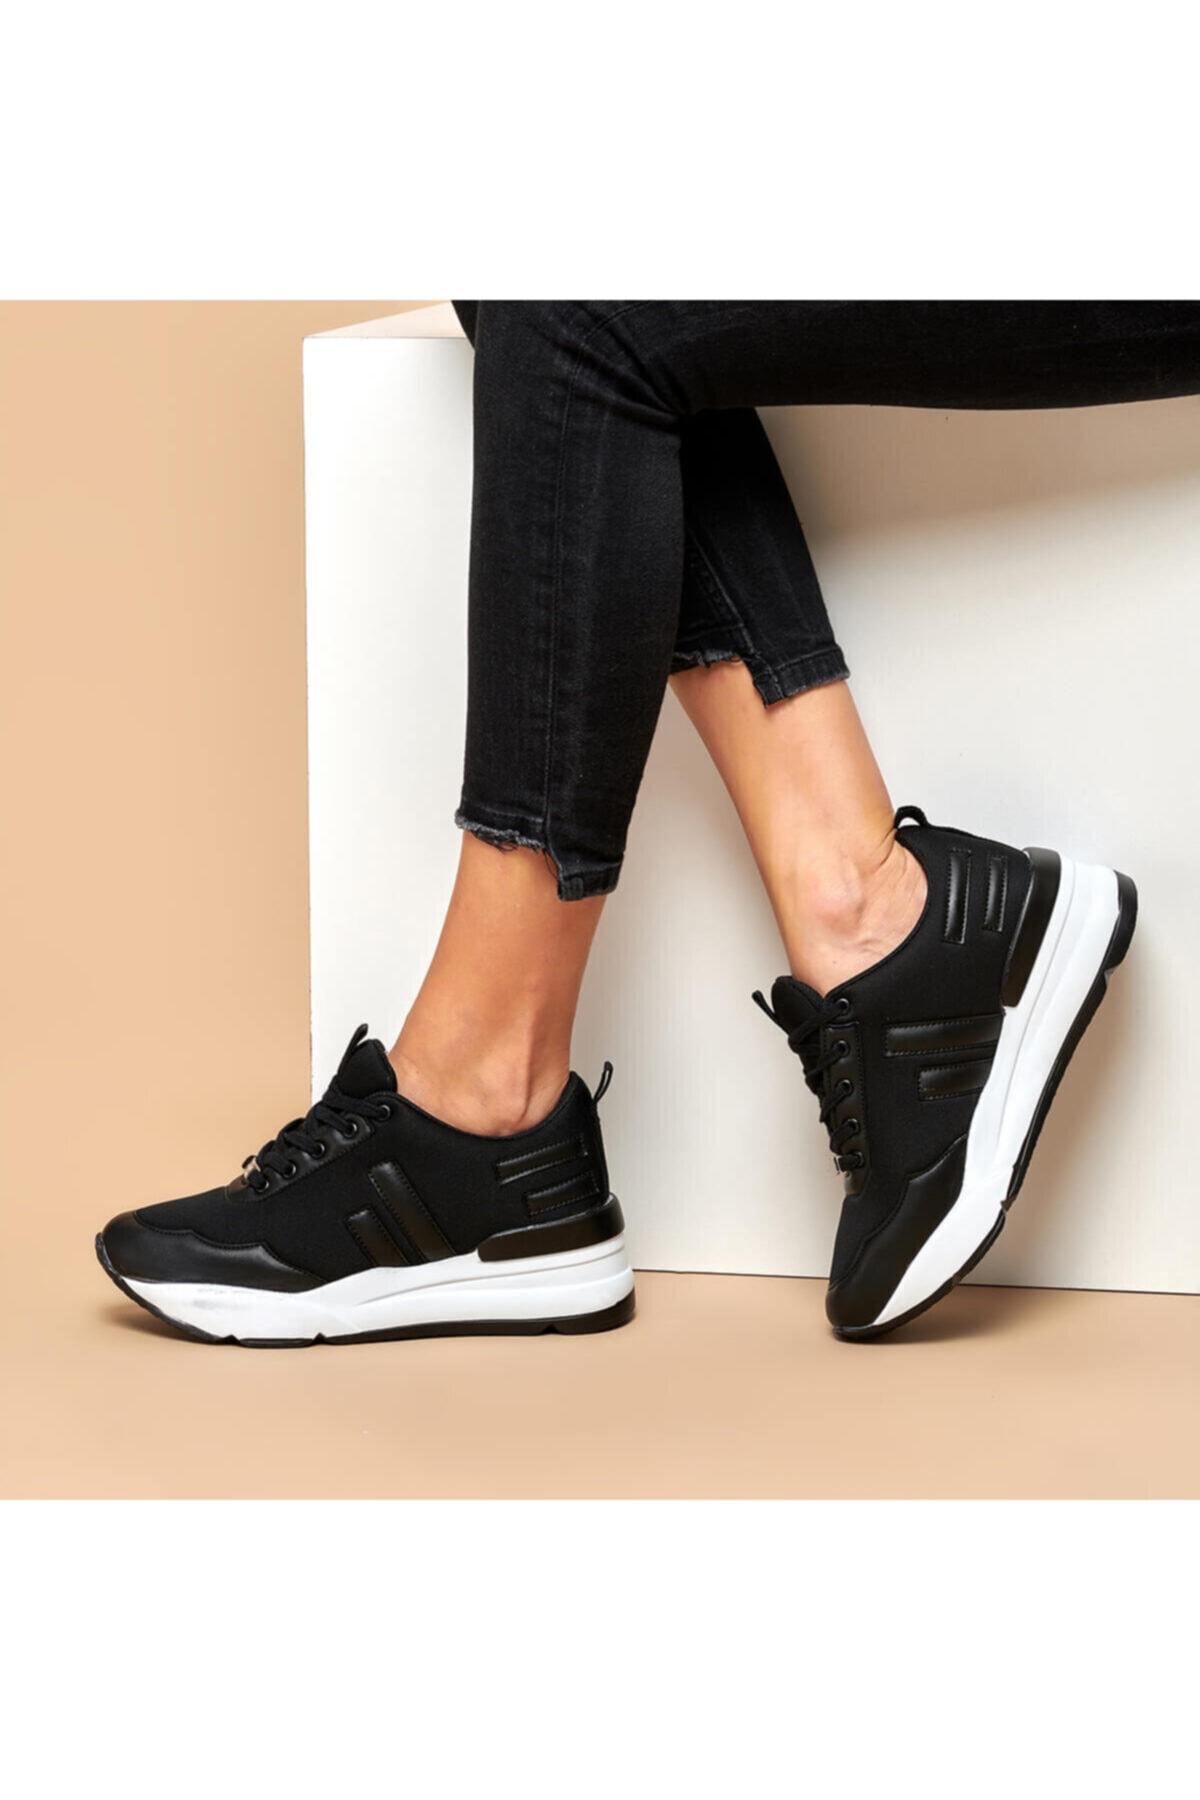 Butigo Z003-19K Siyah Kadın Kalın Taban Sneaker Spor Ayakkabı 100440395 1